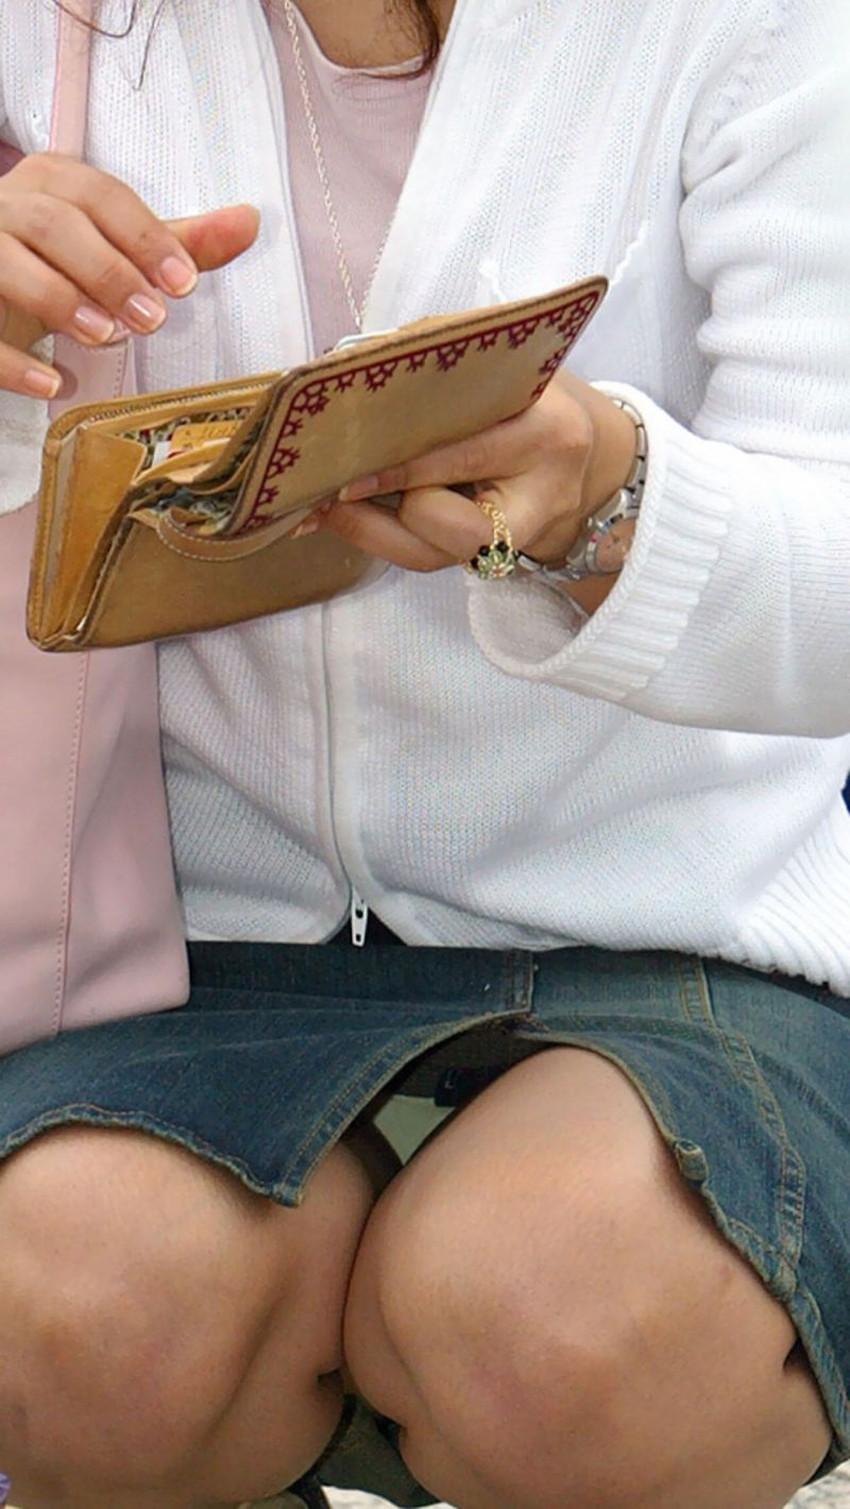 【スリットパンチラエロ画像】タイトスカートの美脚お姉さんのスリットから見えるパンチラが堪らないスリットパンチラのエロ画像集!w【80枚】 66